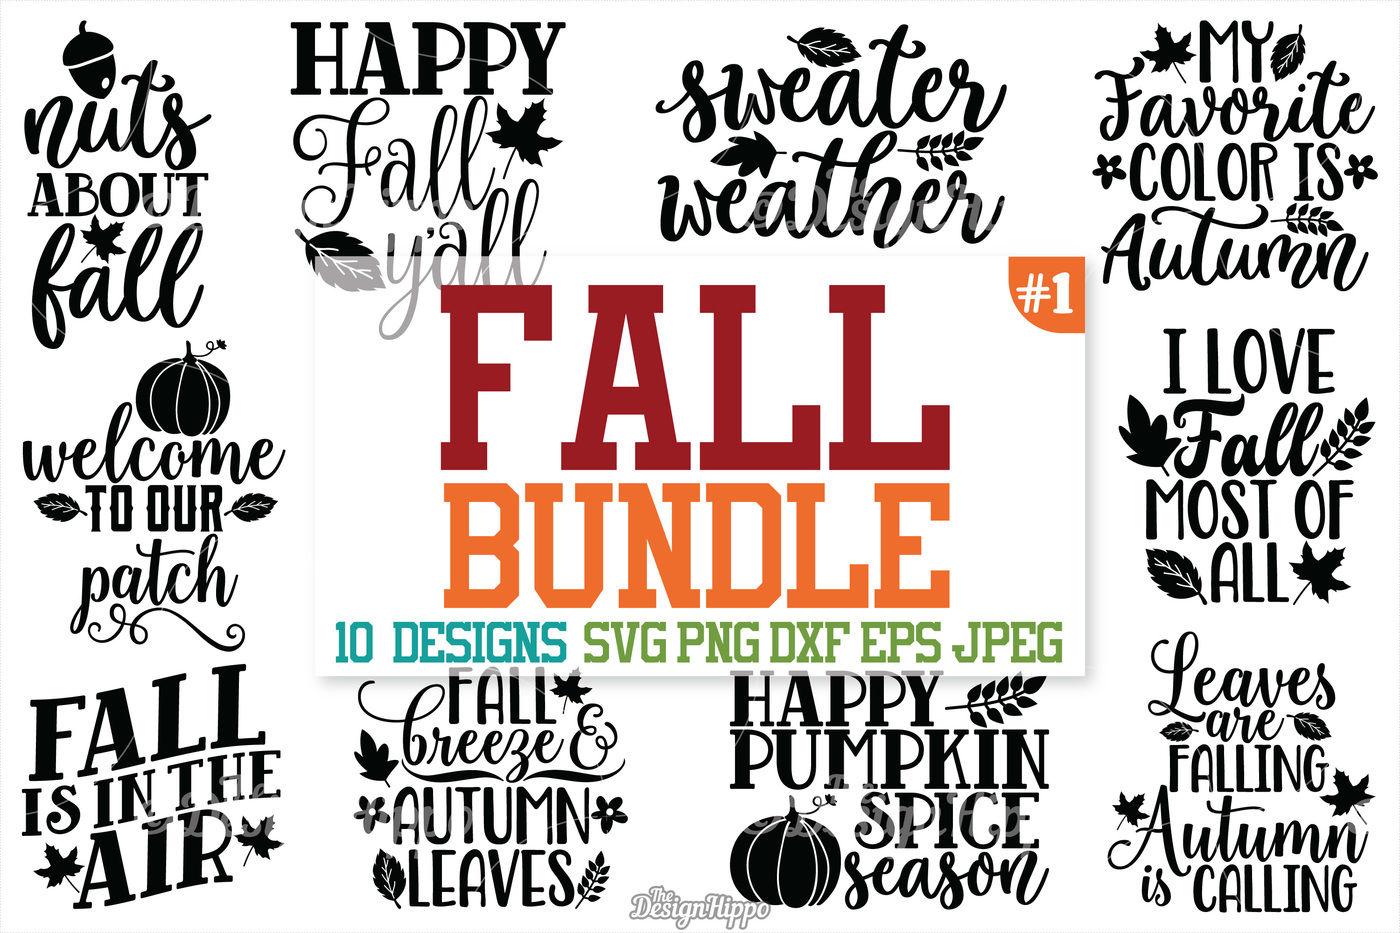 Fall Svg Bundle Autumn Fall Pumpkin Spice Fall Yall Svg Cut